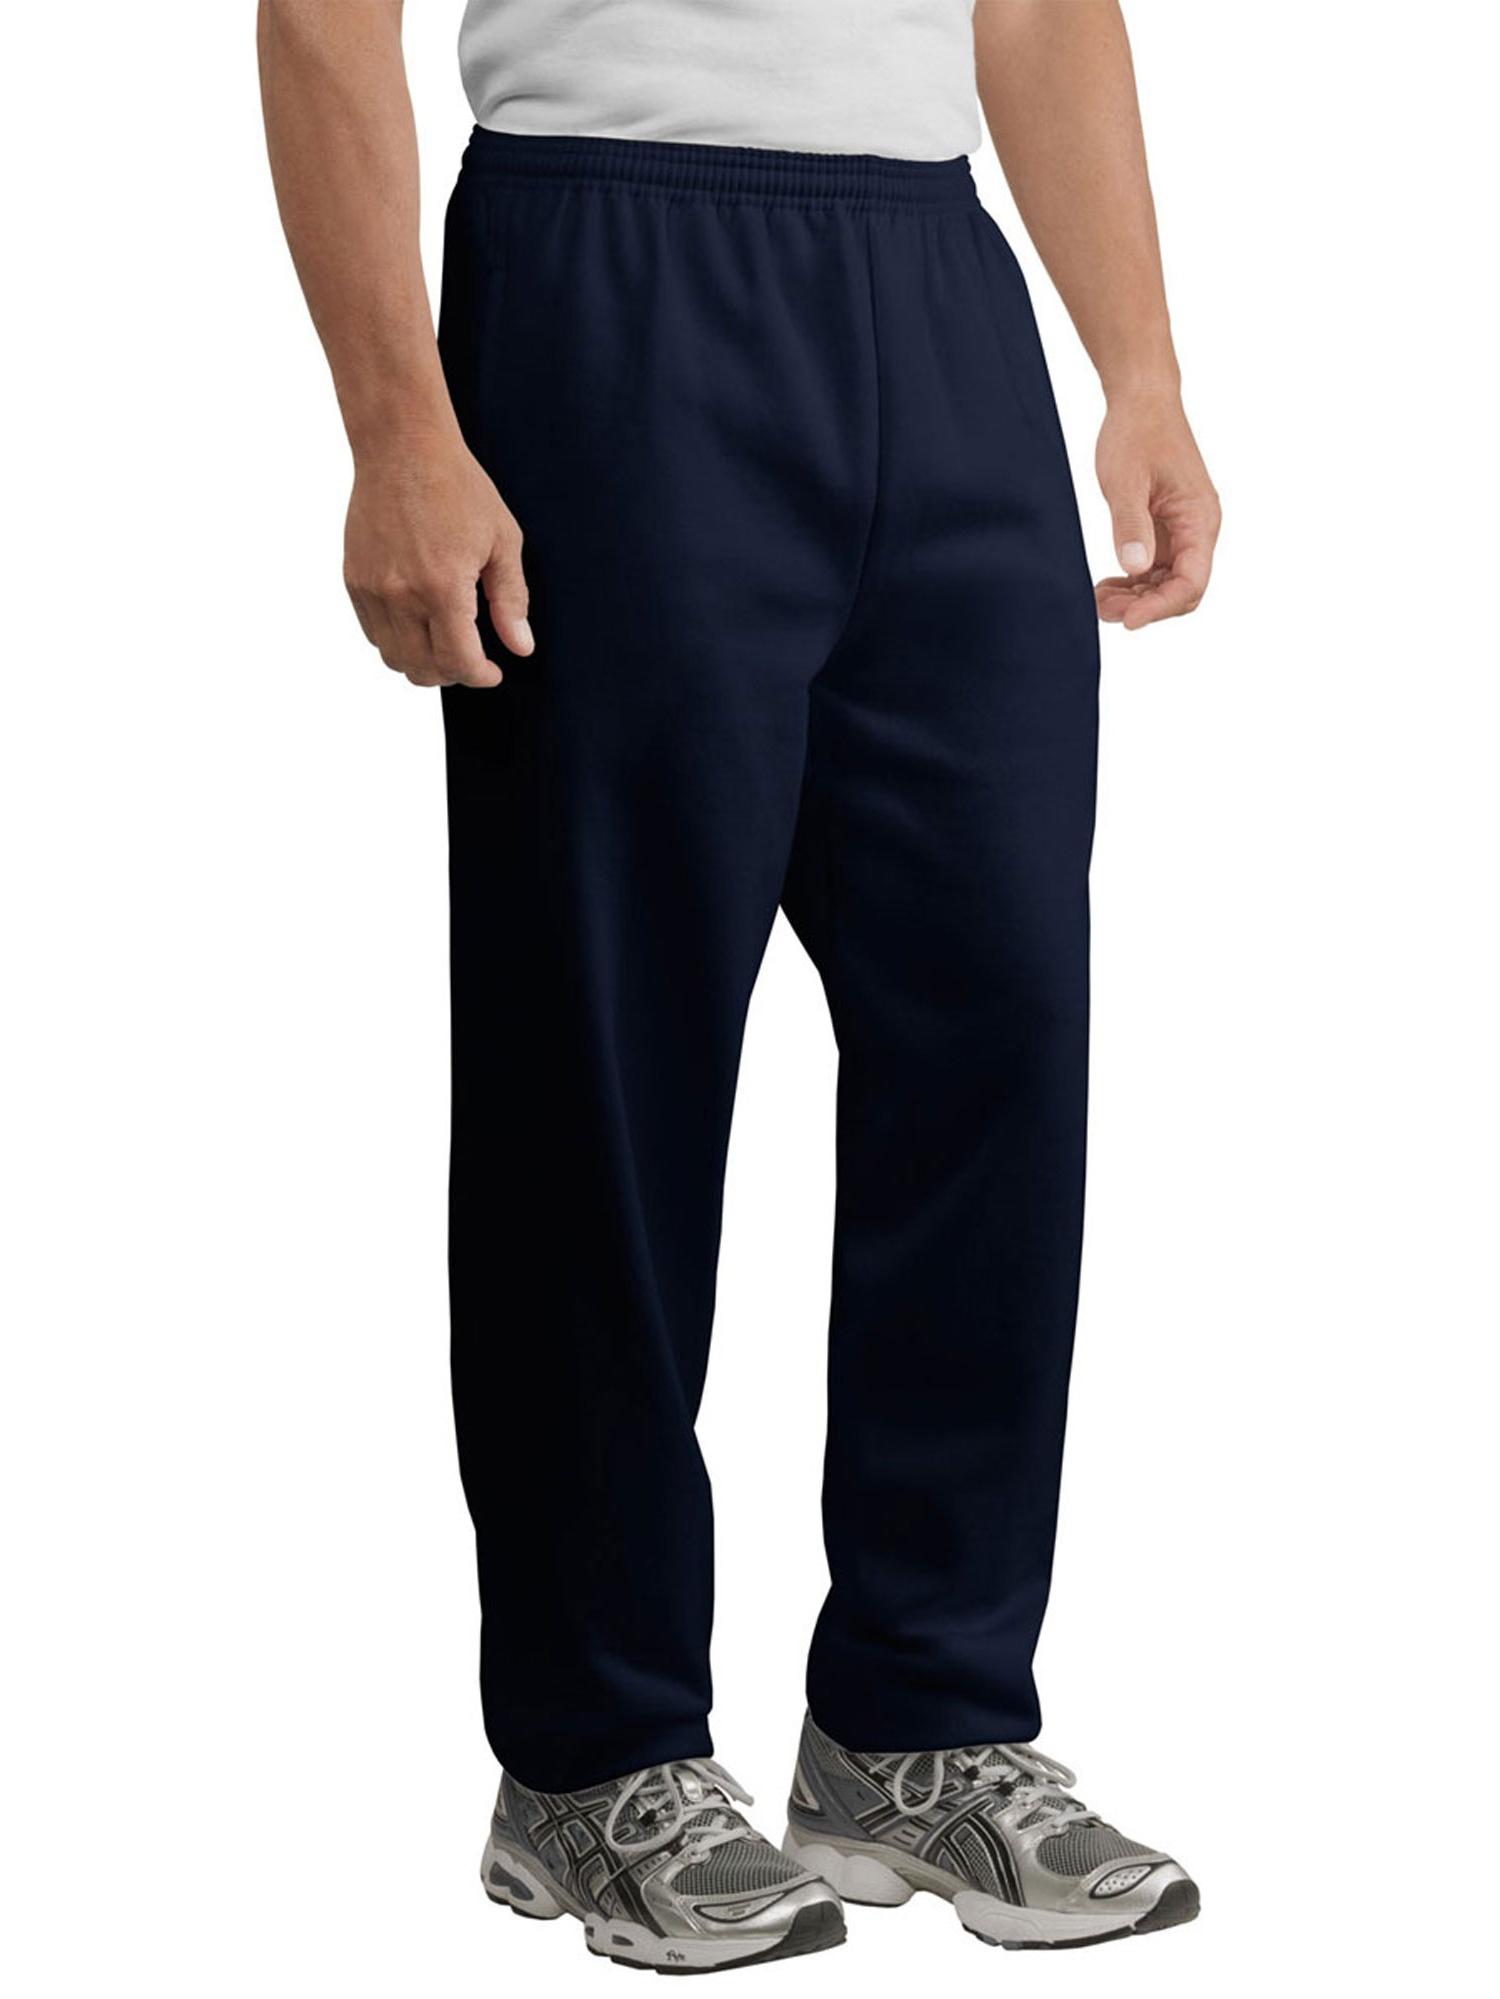 Port & Company Men's Elastic Waist Pockets Sweatpant